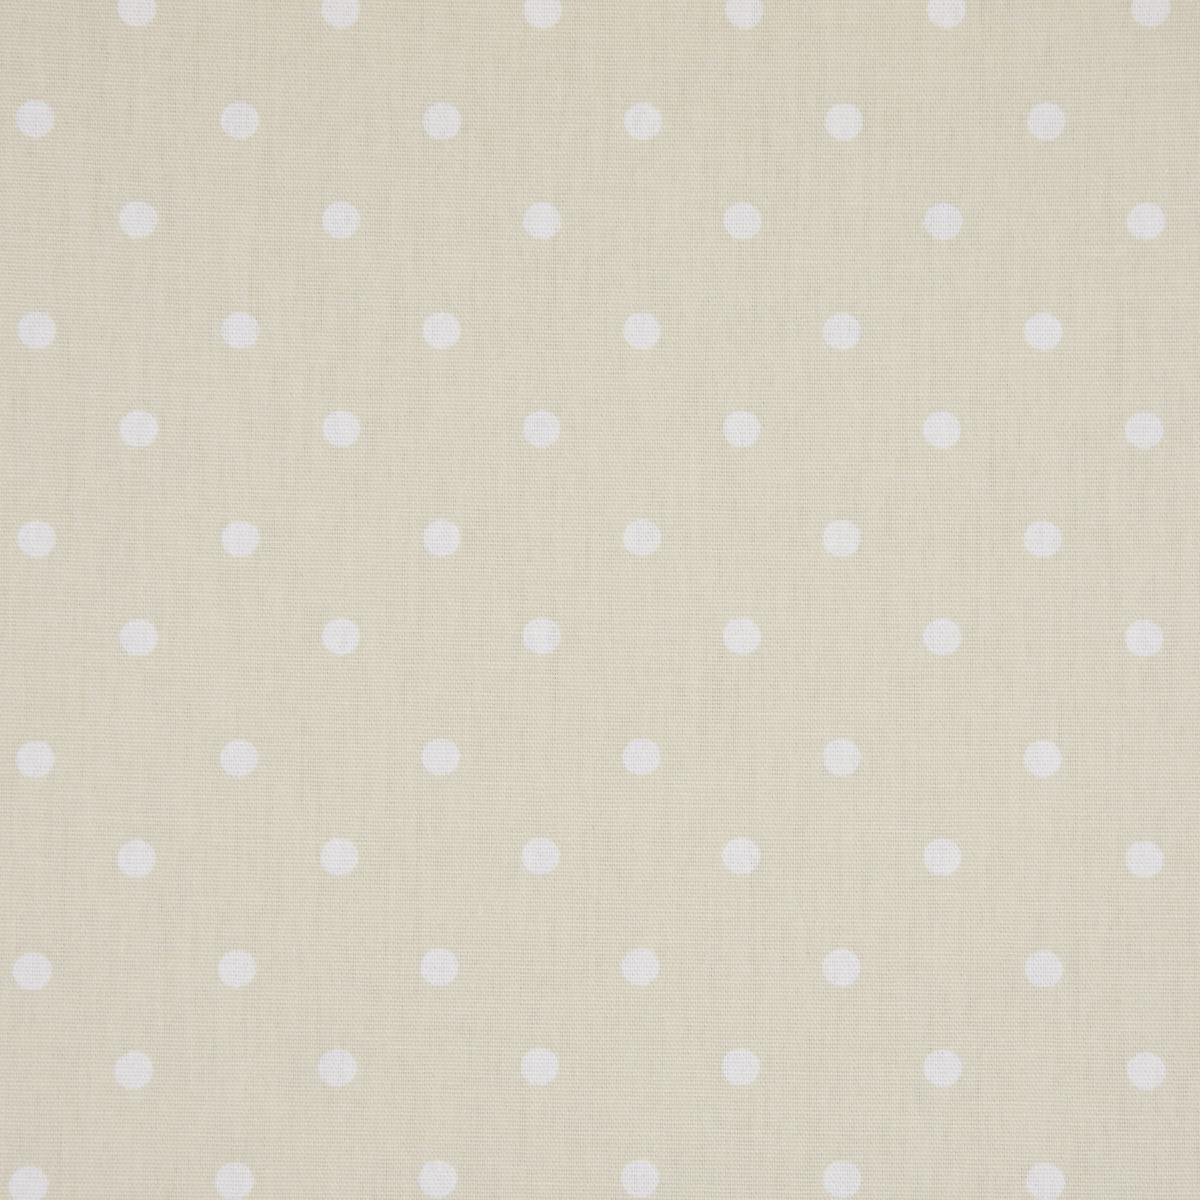 Gardinenstoff Dekostoff Baumwollstoff Full Stop Punkte beige weiß 140cm Breite